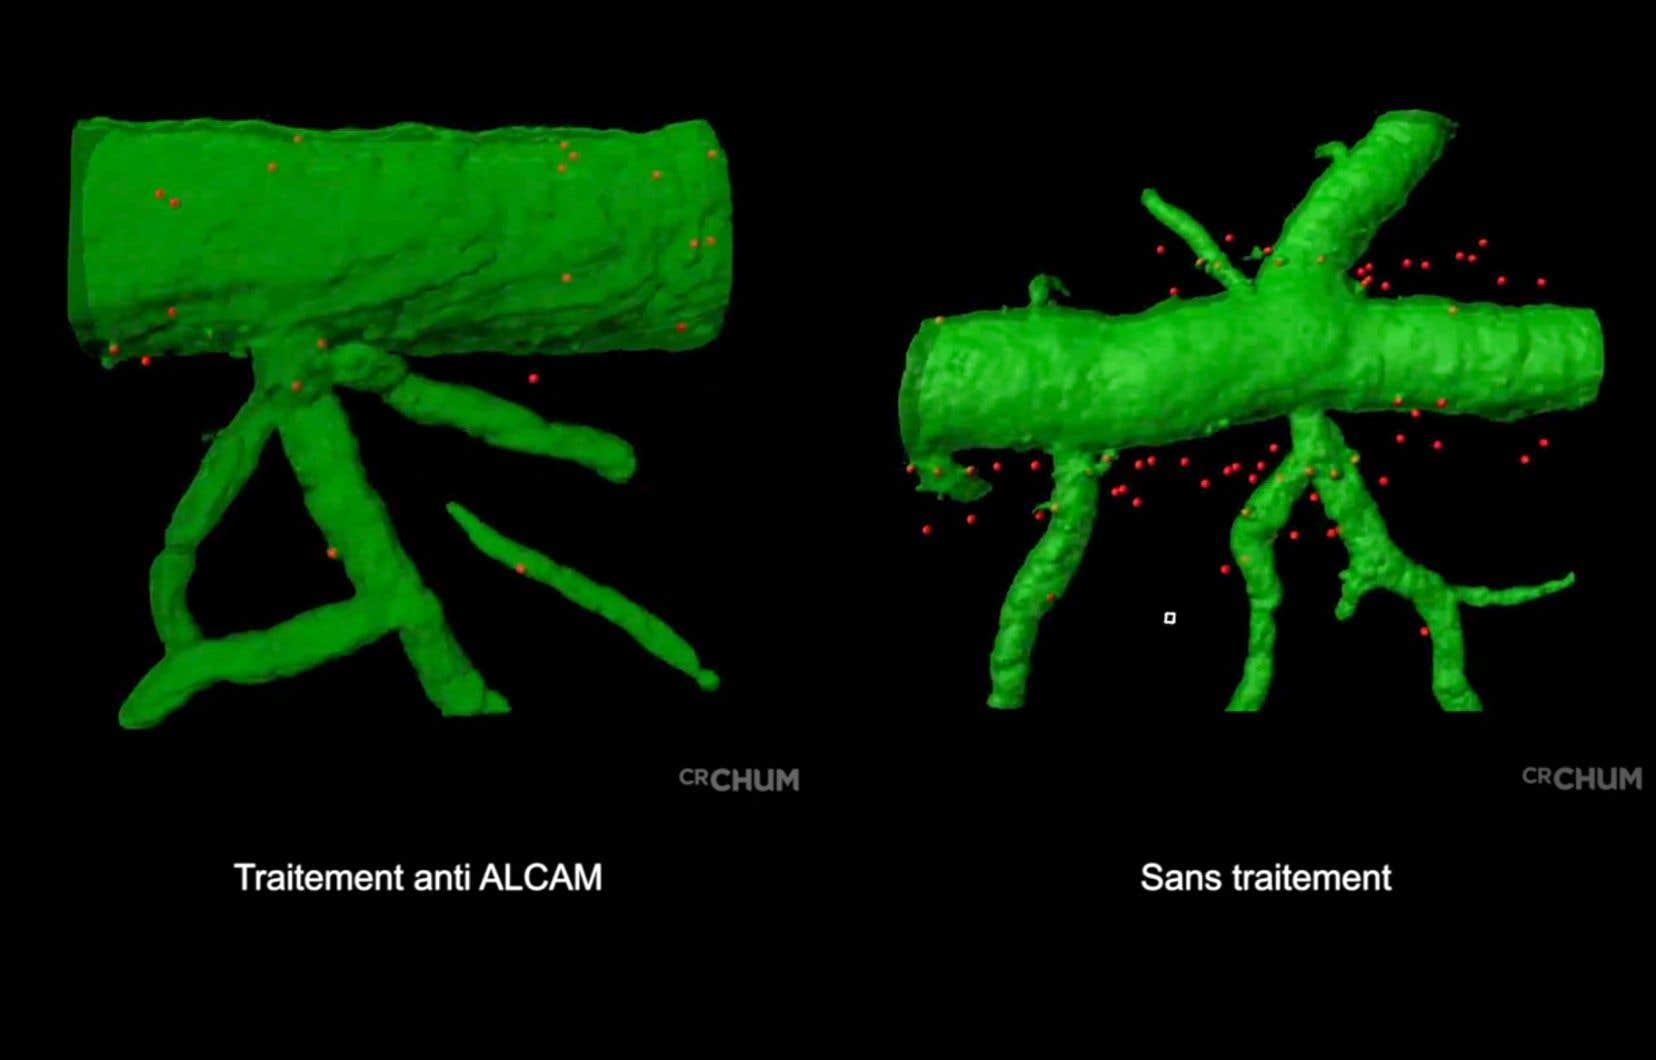 La molécule ALCAM (Activated Leukocyte Cell Adhesion Molecule)est une molécule d'adhérence qui ressemble à une petite branche de velcro que les cellules du système immunitaire, en l'occurrence les lymphocytes B, utilisent pour pénétrer dans un organe du corps en réponse à une infection ou une agression.